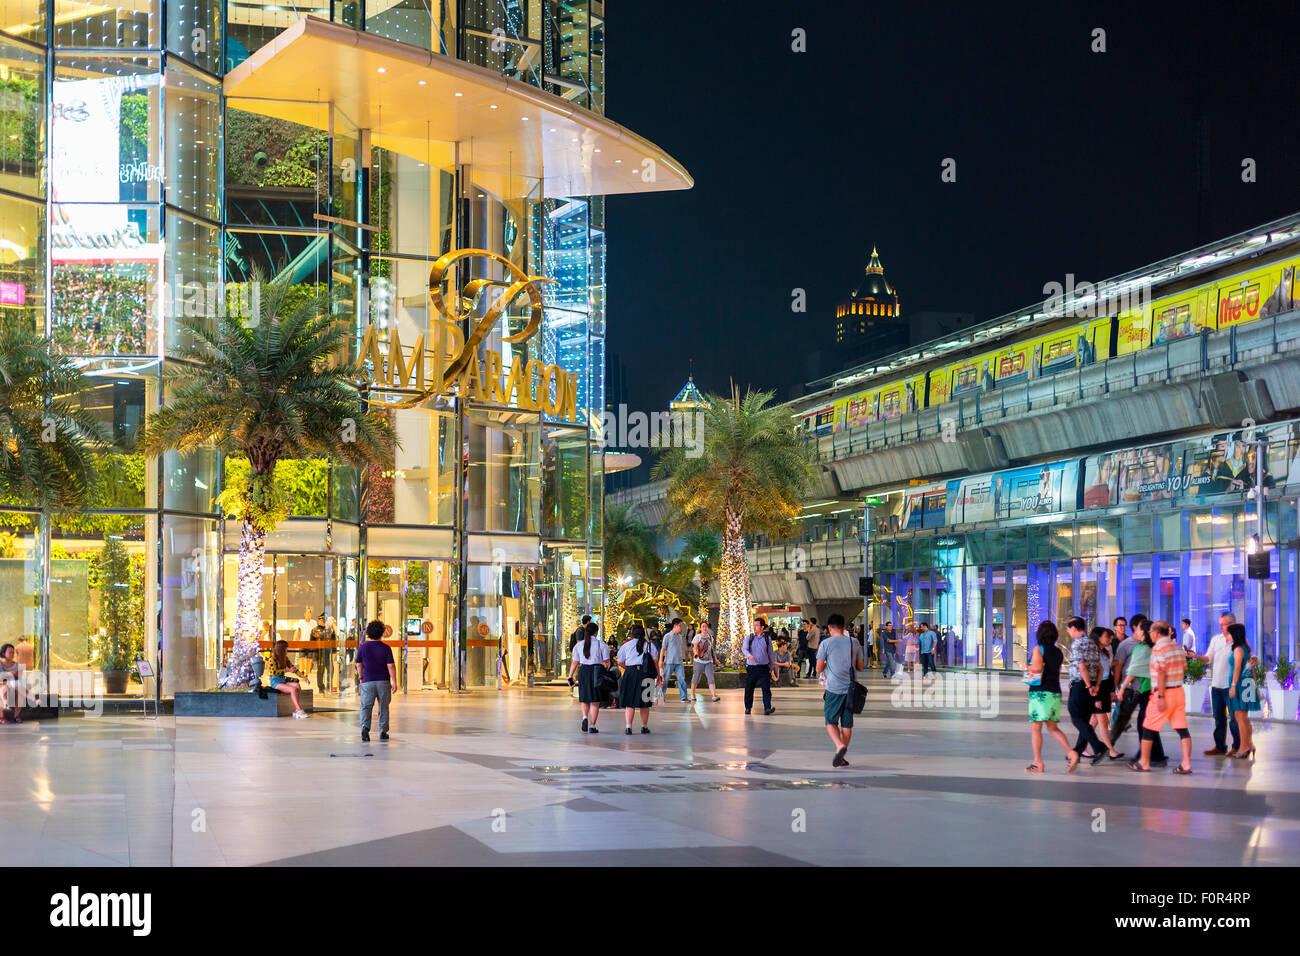 Thailand, Bangkok, Shopping Mall Siam Paragon at Night - Stock Image